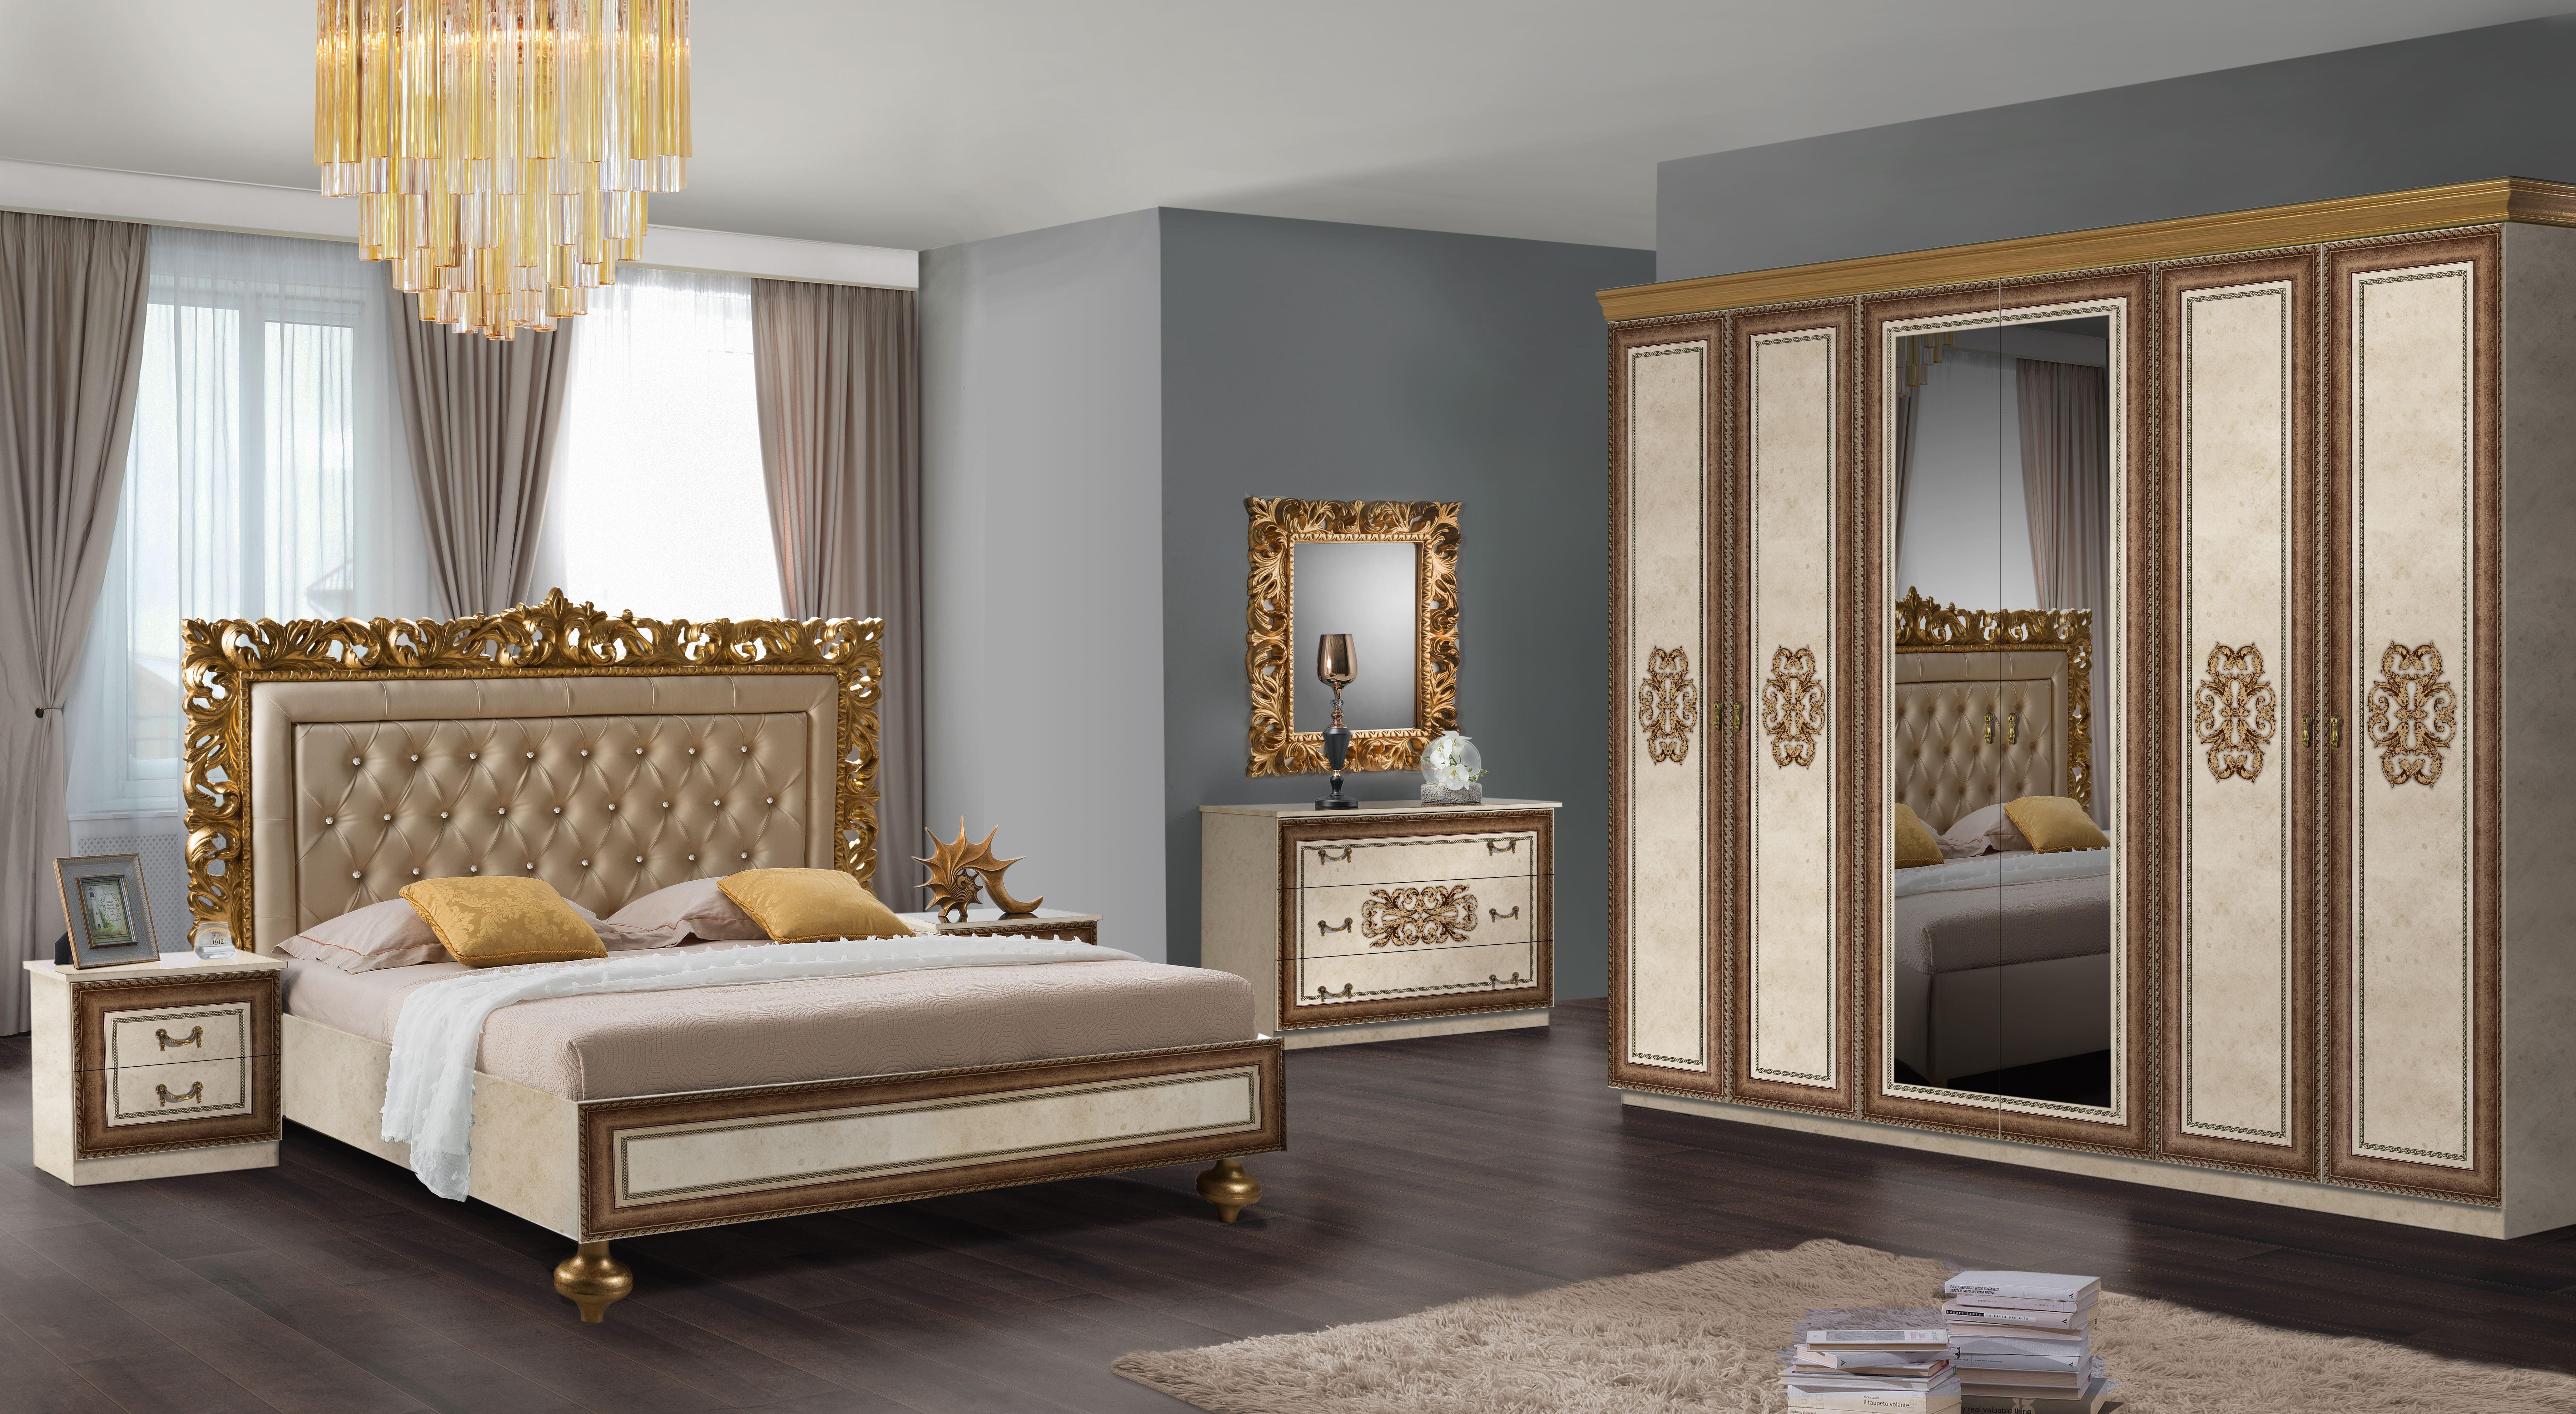 Barock Schlafzimmer Sina in Beige/Gold 6-Teilig